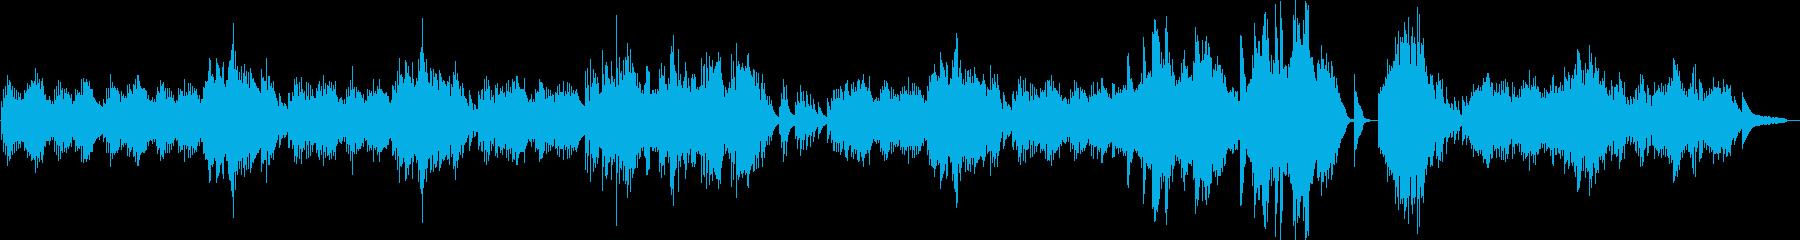 エリーゼのために/ベートーヴェンの再生済みの波形